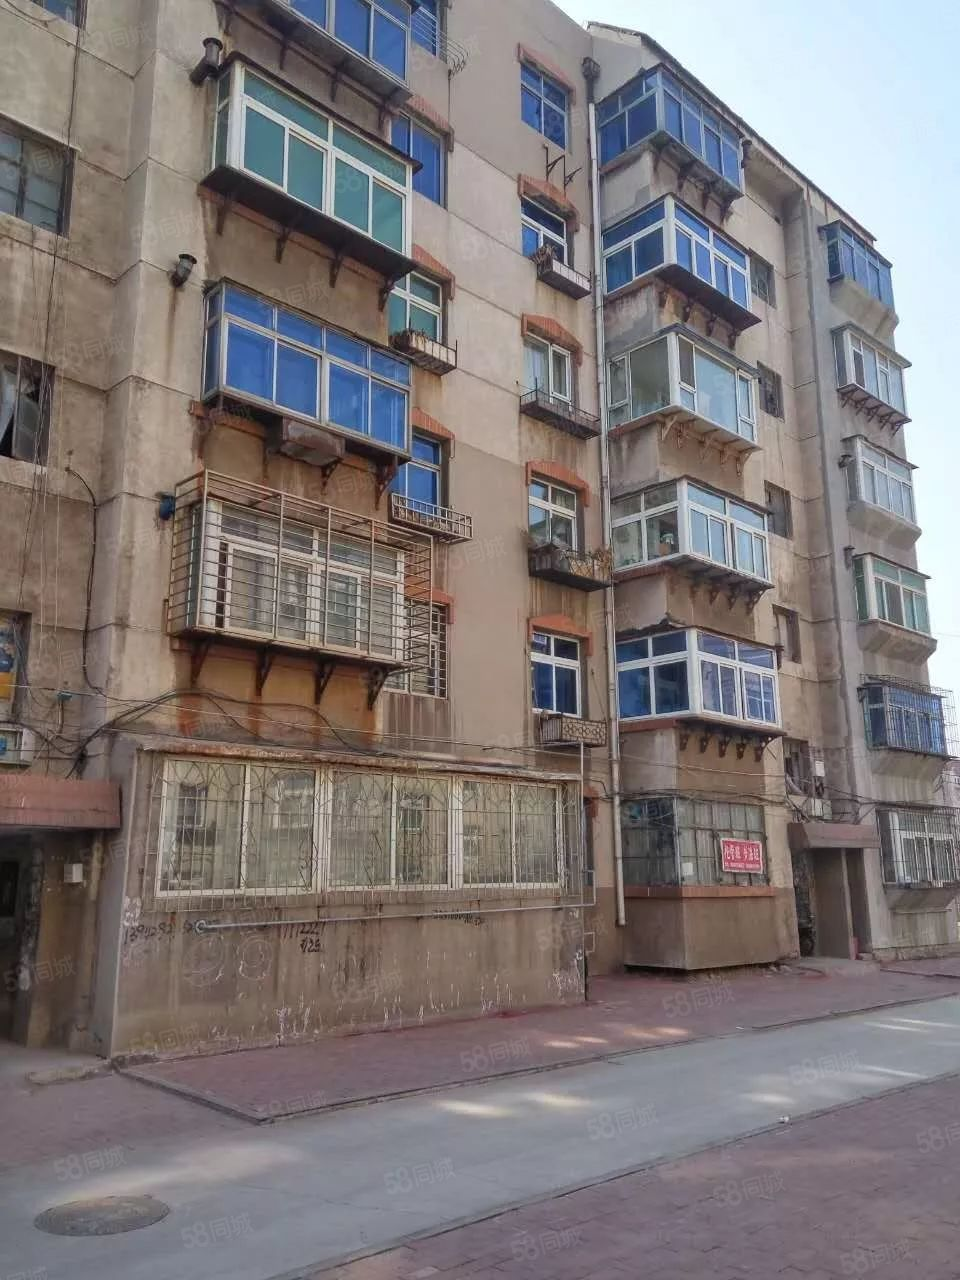 双室楼房6层年租租金2000元(不含取暖)